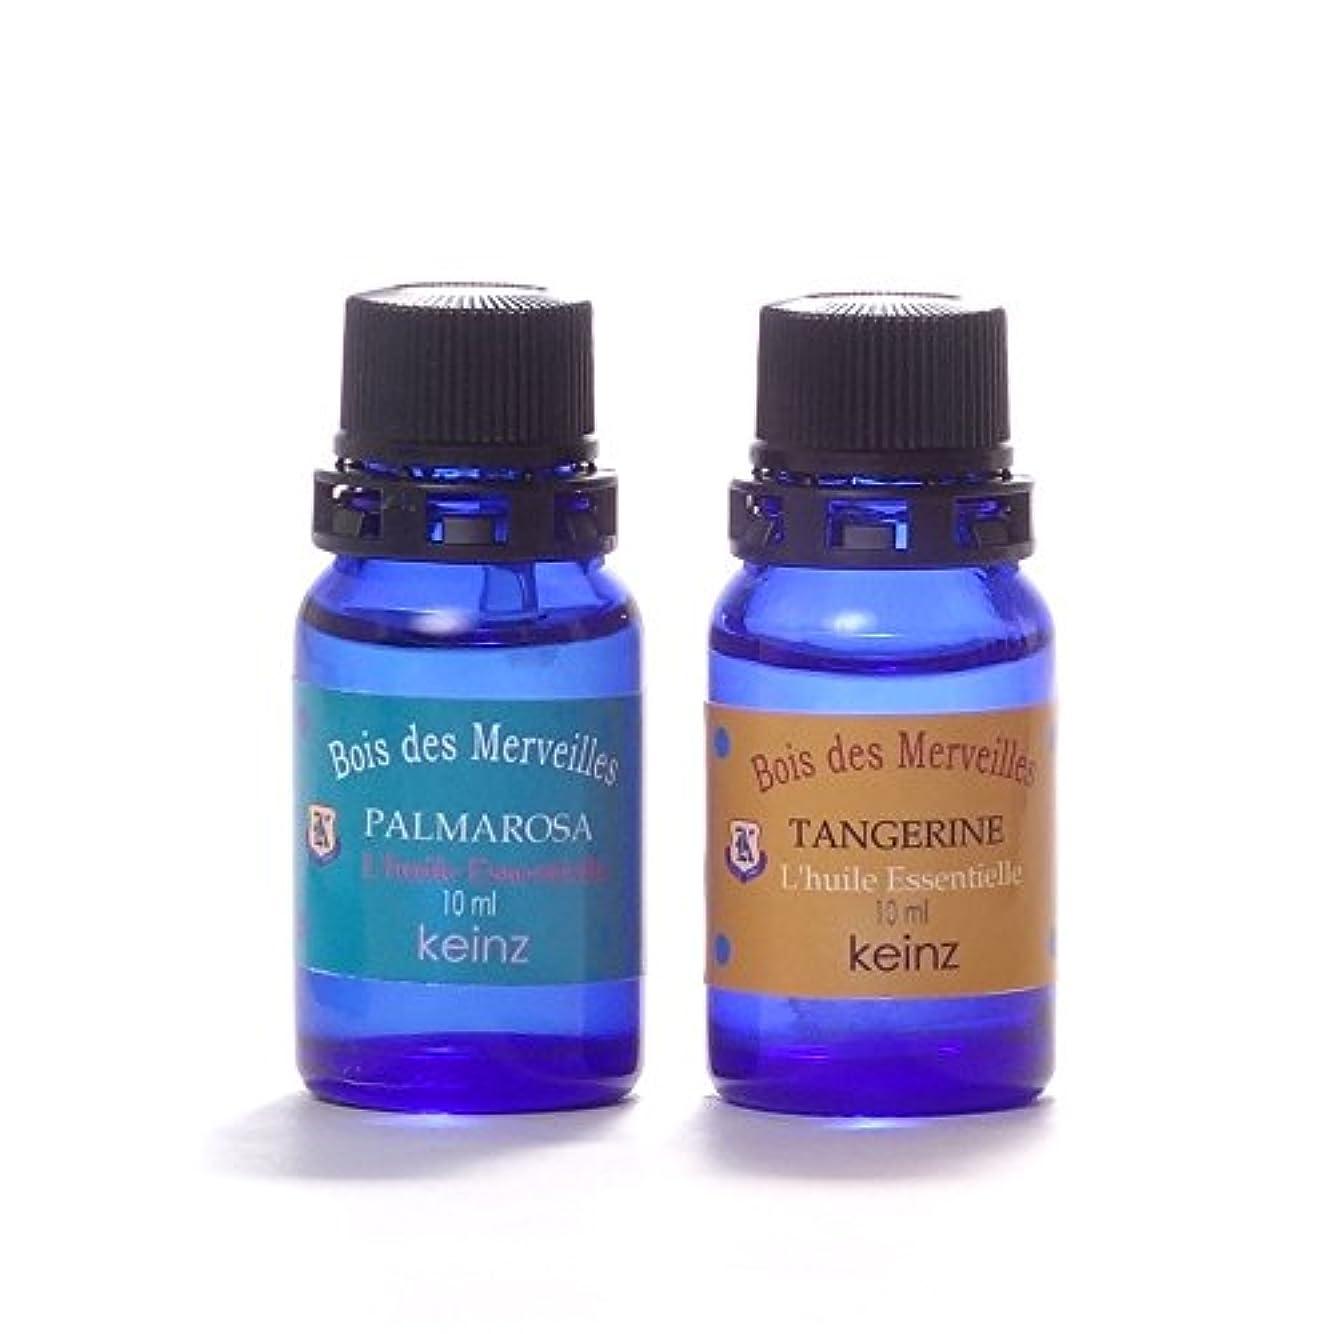 ステレオセメントスクワイアkeinzエッセンシャルオイル「パルマローザ10ml&タンジェリン10ml」2種1セット ケインズ正規品 製造国アメリカ 水蒸気蒸留法(タンジェリンは圧搾法)による100%無添加精油 人工香料は使っていません。